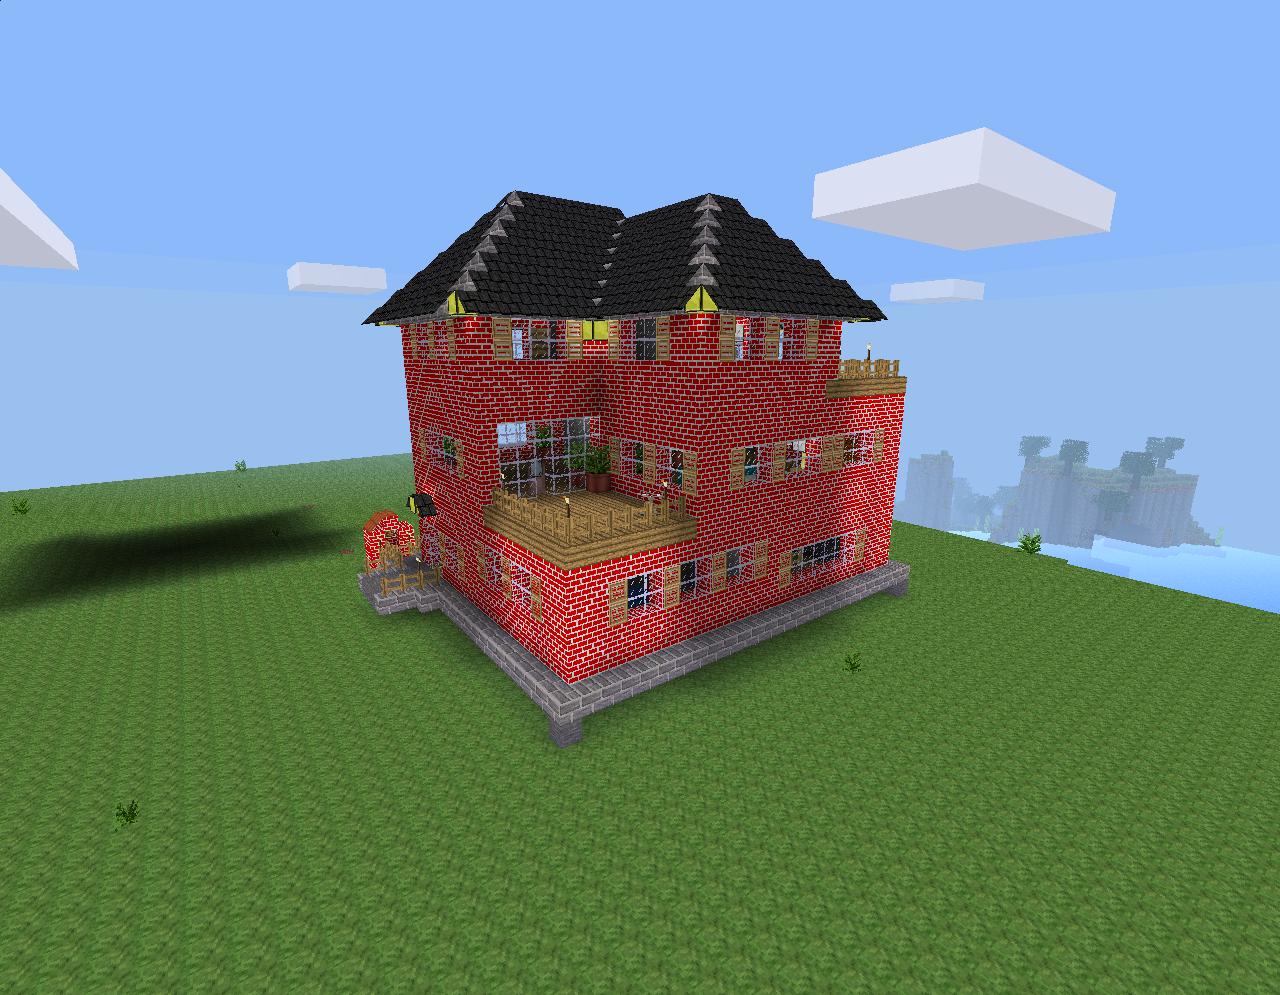 Siempre jugando minetest un juego inspirado en minecraft for Casa moderna xbox 360 minecraft